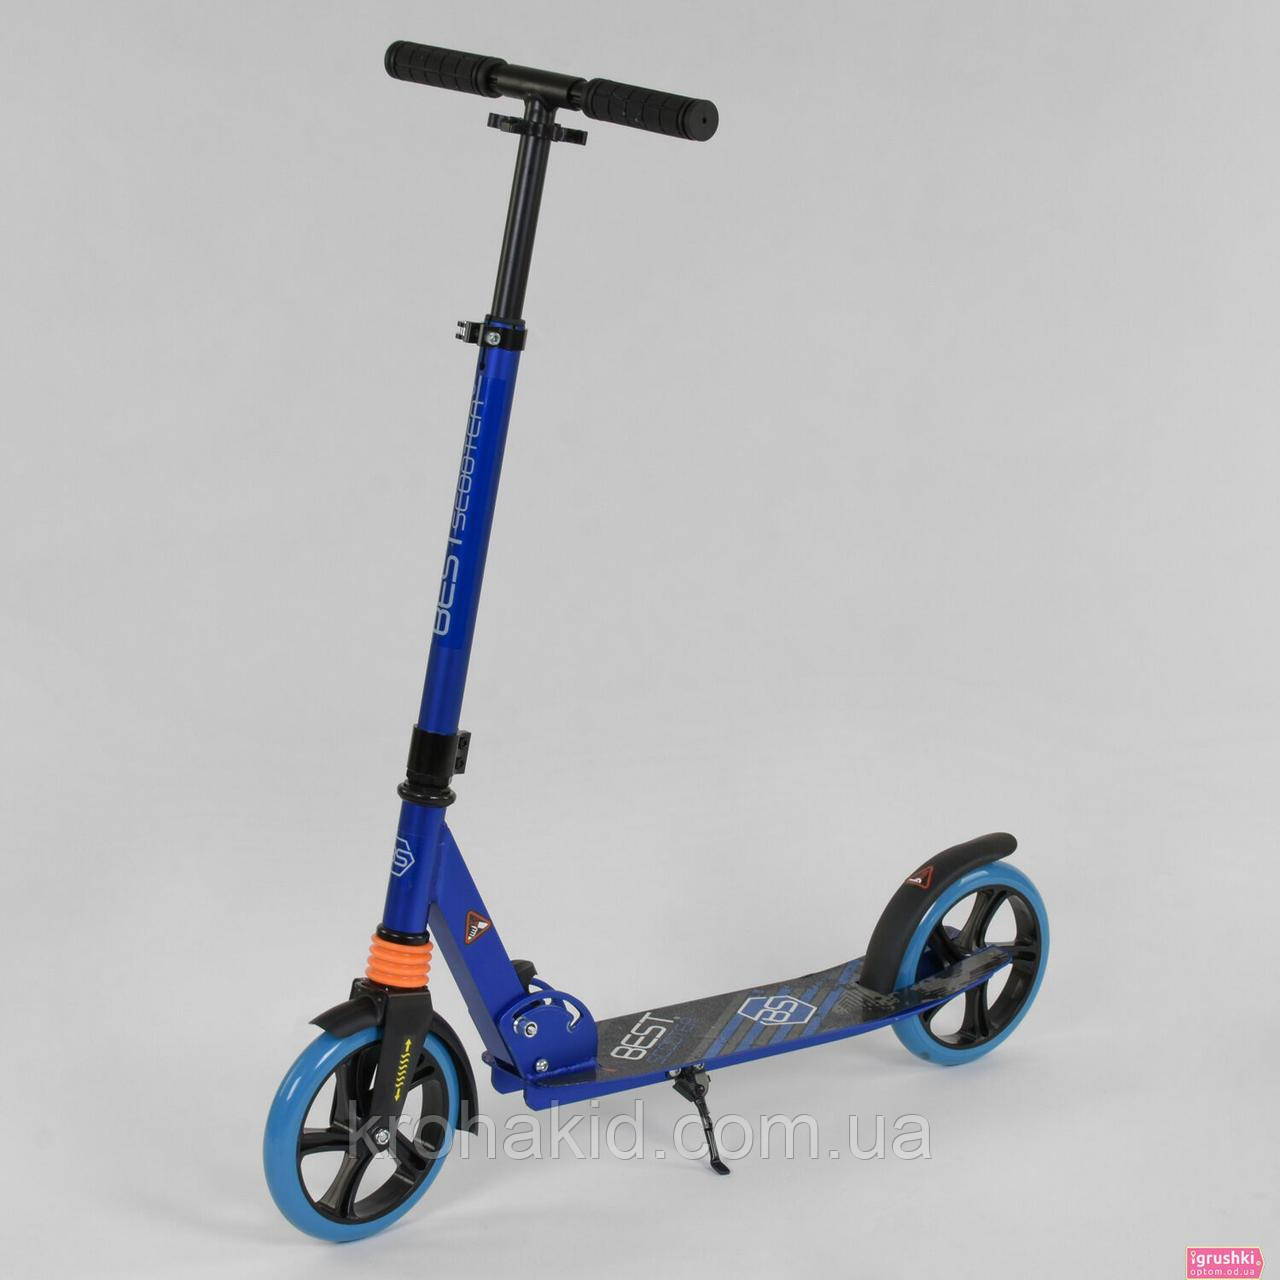 Двухколесный алюминиевый самокат  Best Scooter 200681